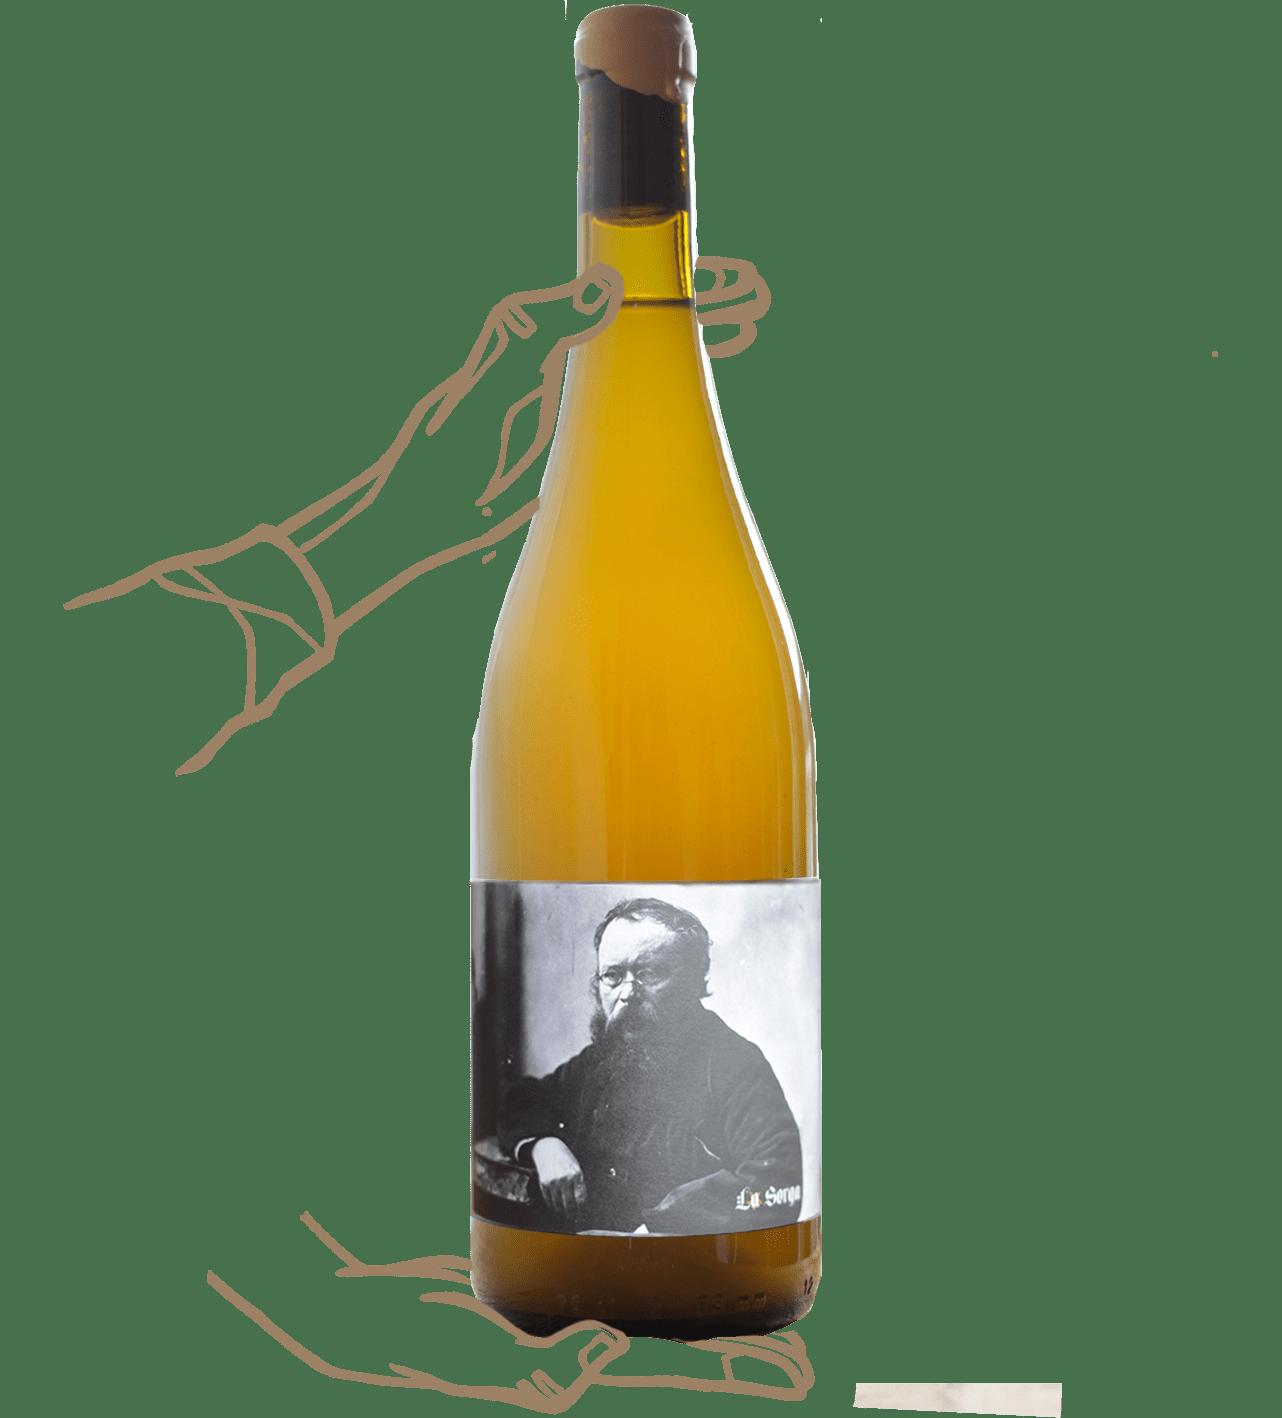 Pierre Joseph de la Sorga est un vin orange